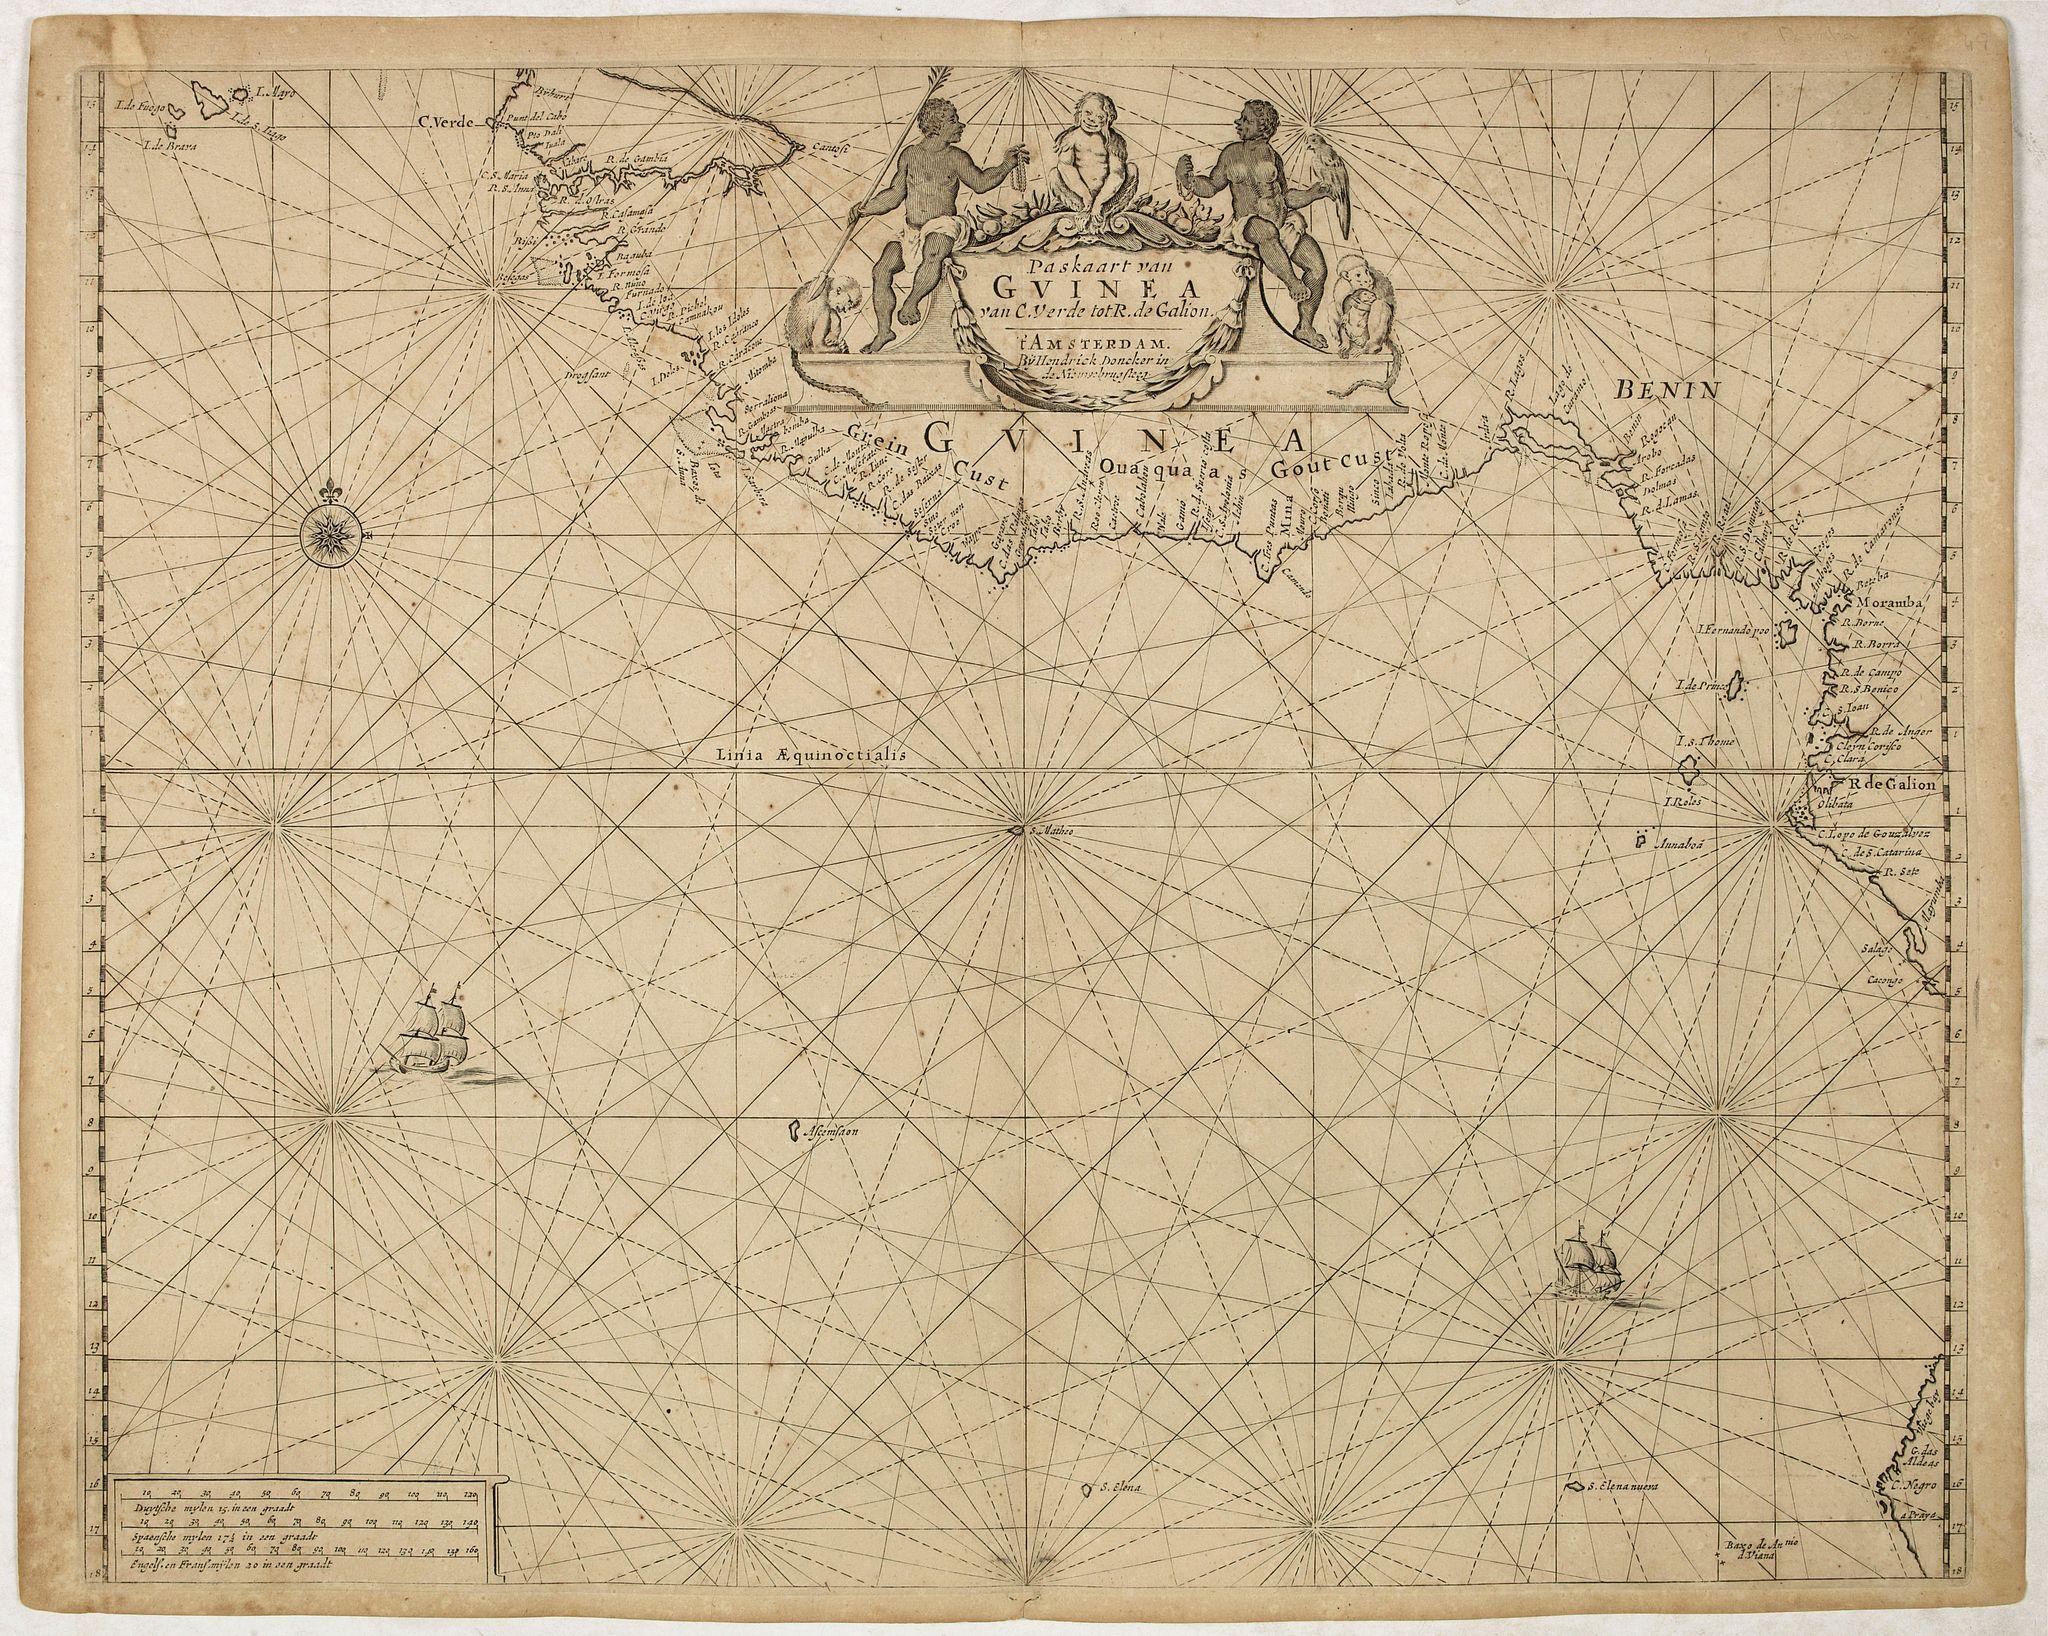 DONCKER, H. -  Paskaart van Guinea van C.Verde tot R. deGalion.